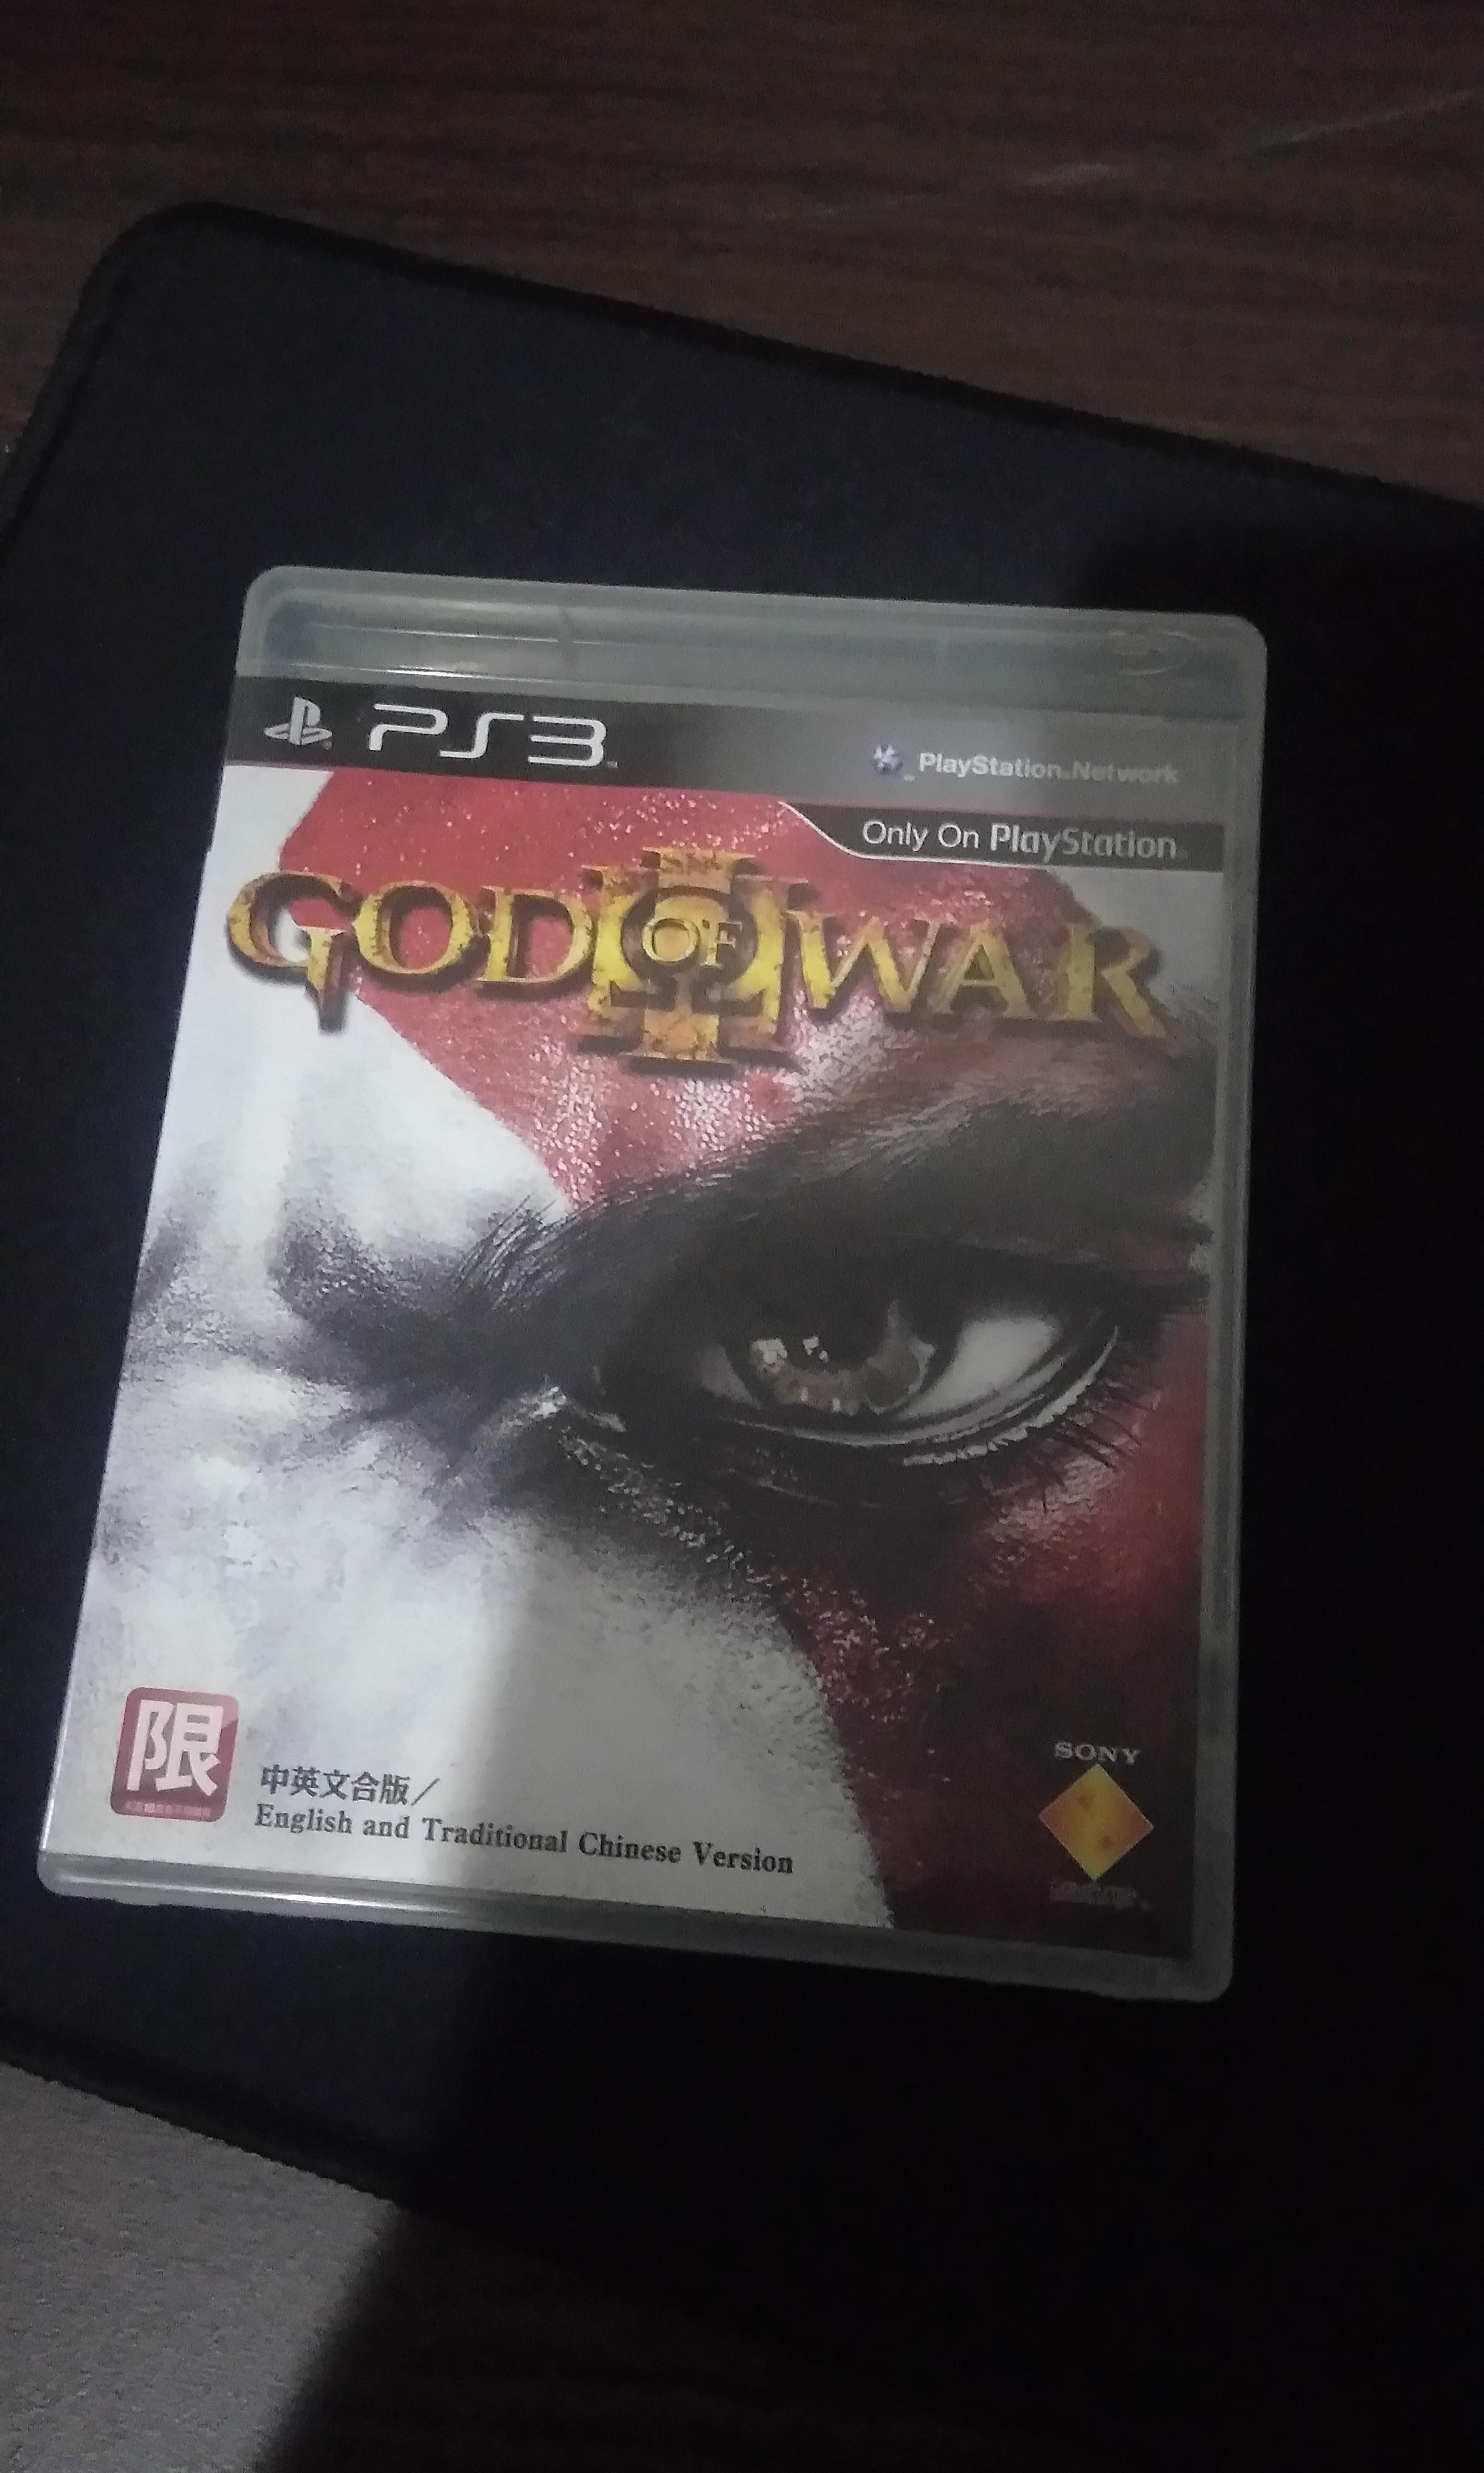 BD PS 3 GOD OF WAR 3